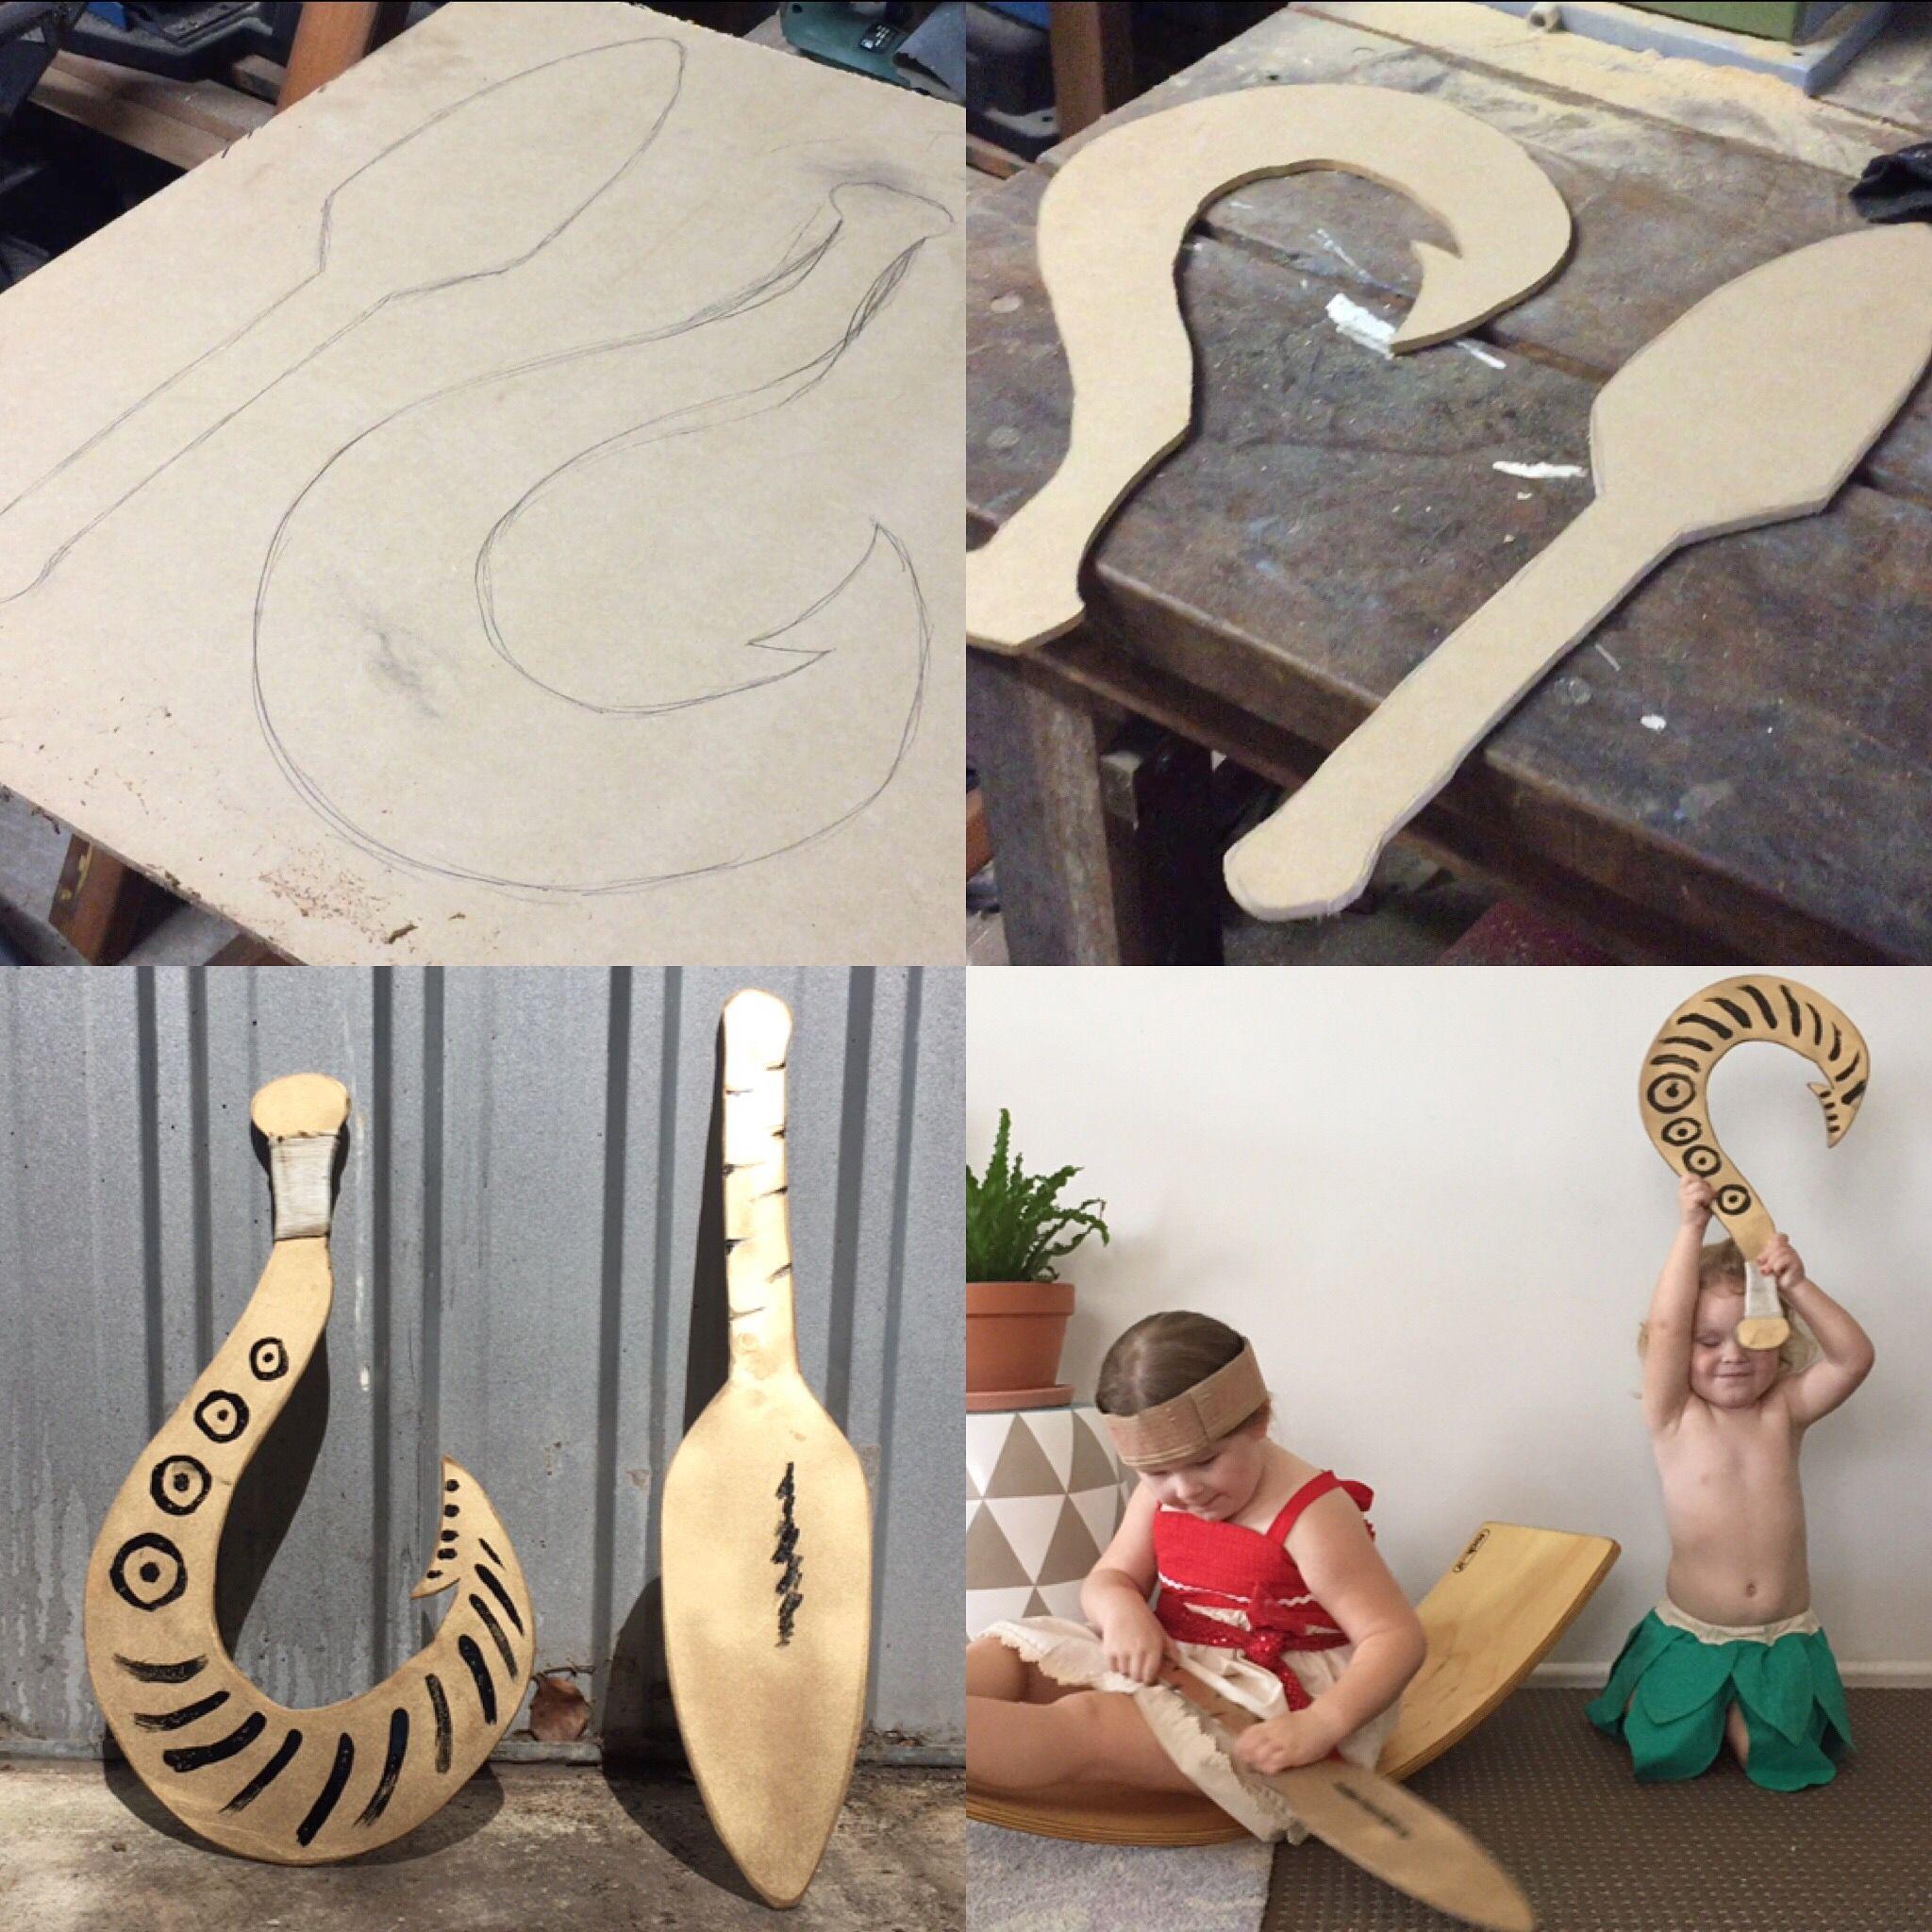 How to make a simple moana paddle and easy maui fish hook for Maui fish hook moana